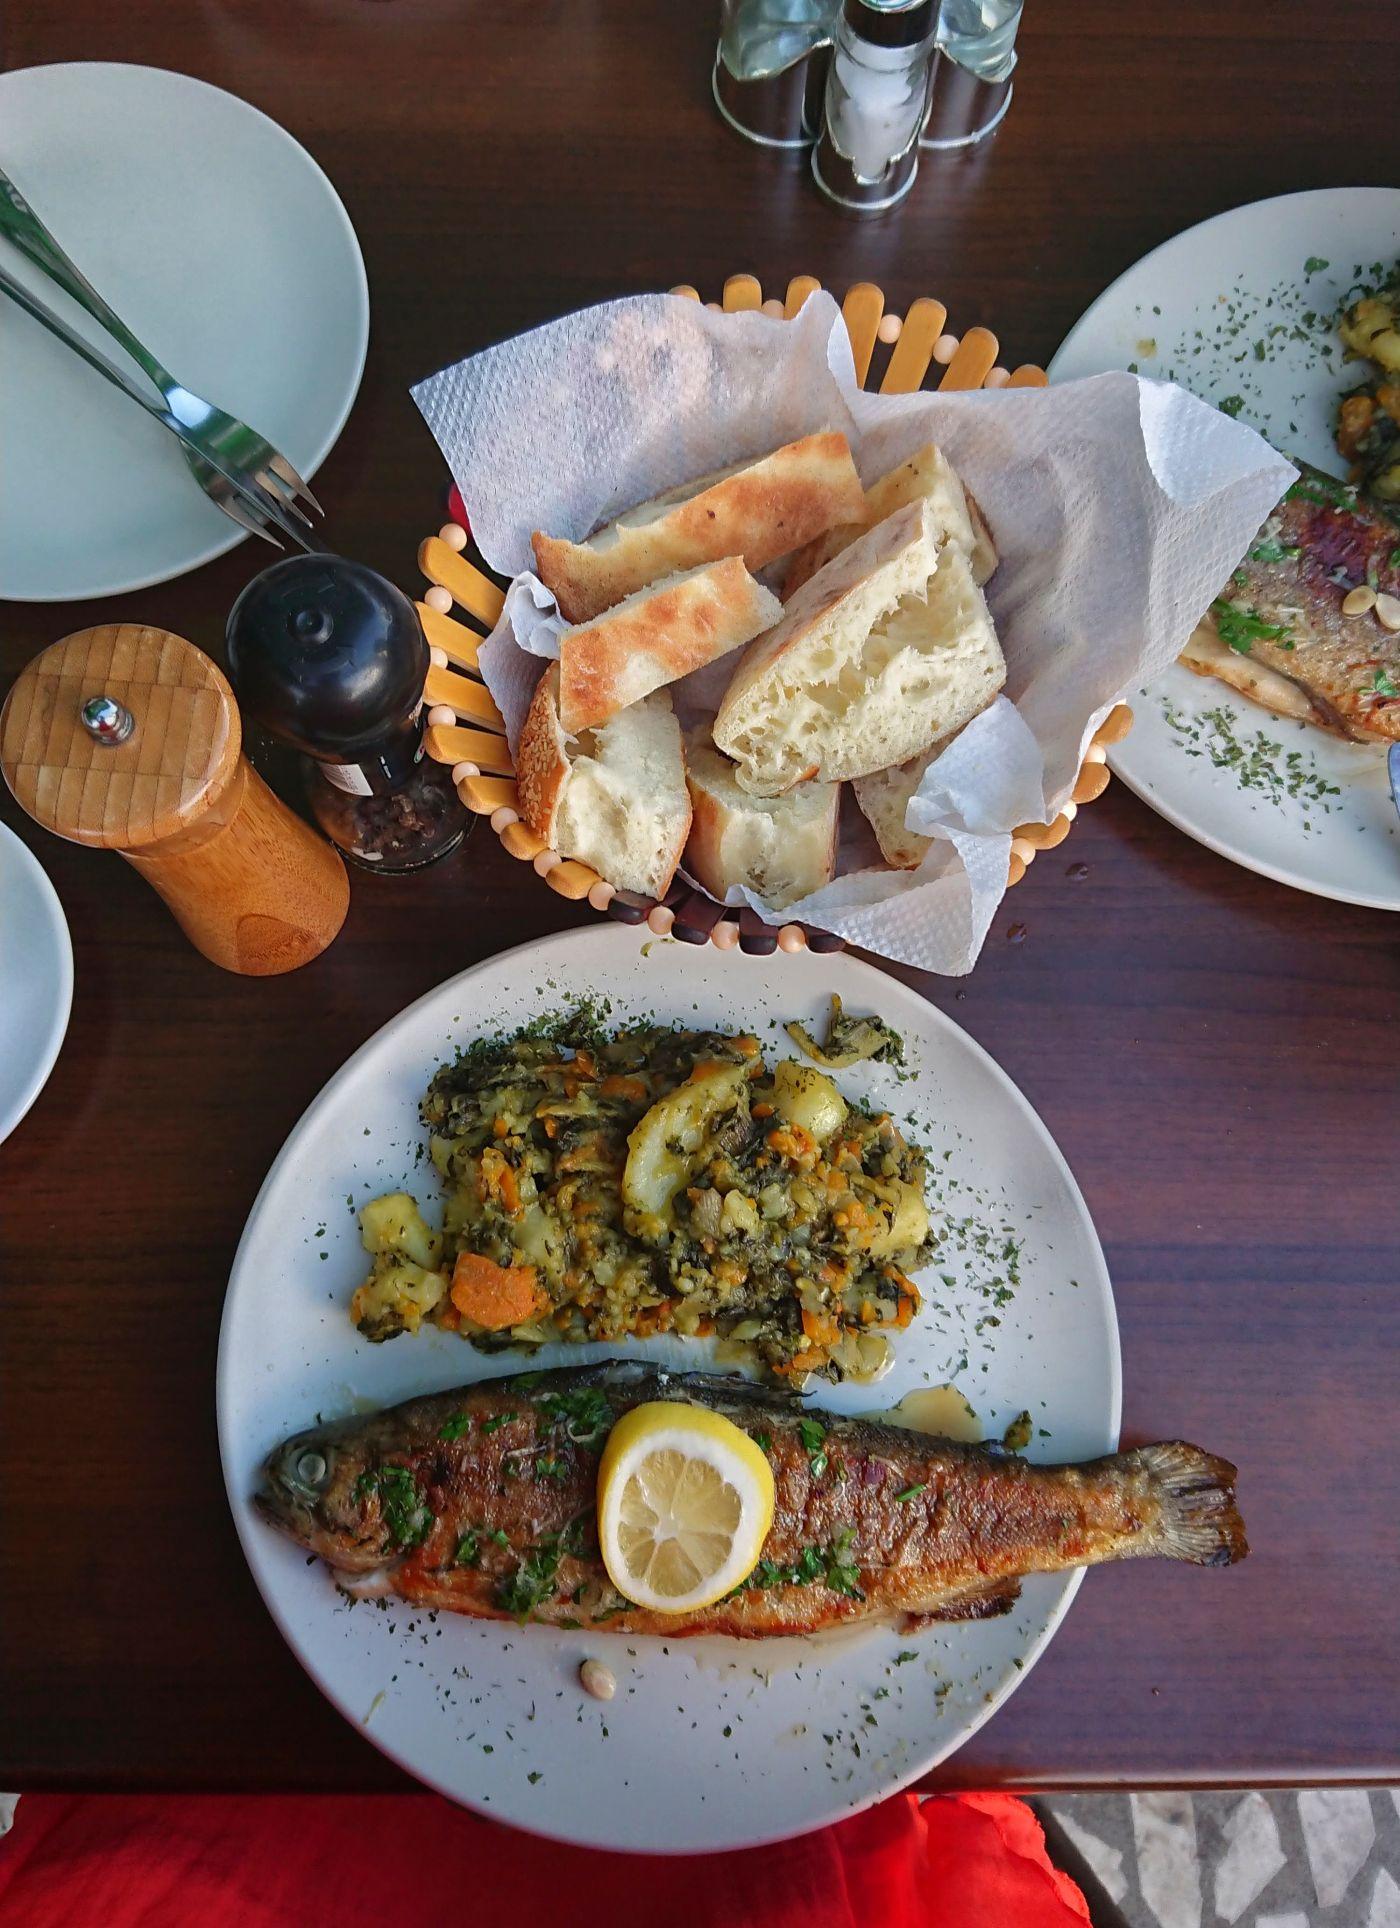 Przepyszna kuchnia czarnogórska obfituje w ryby i owoce morza